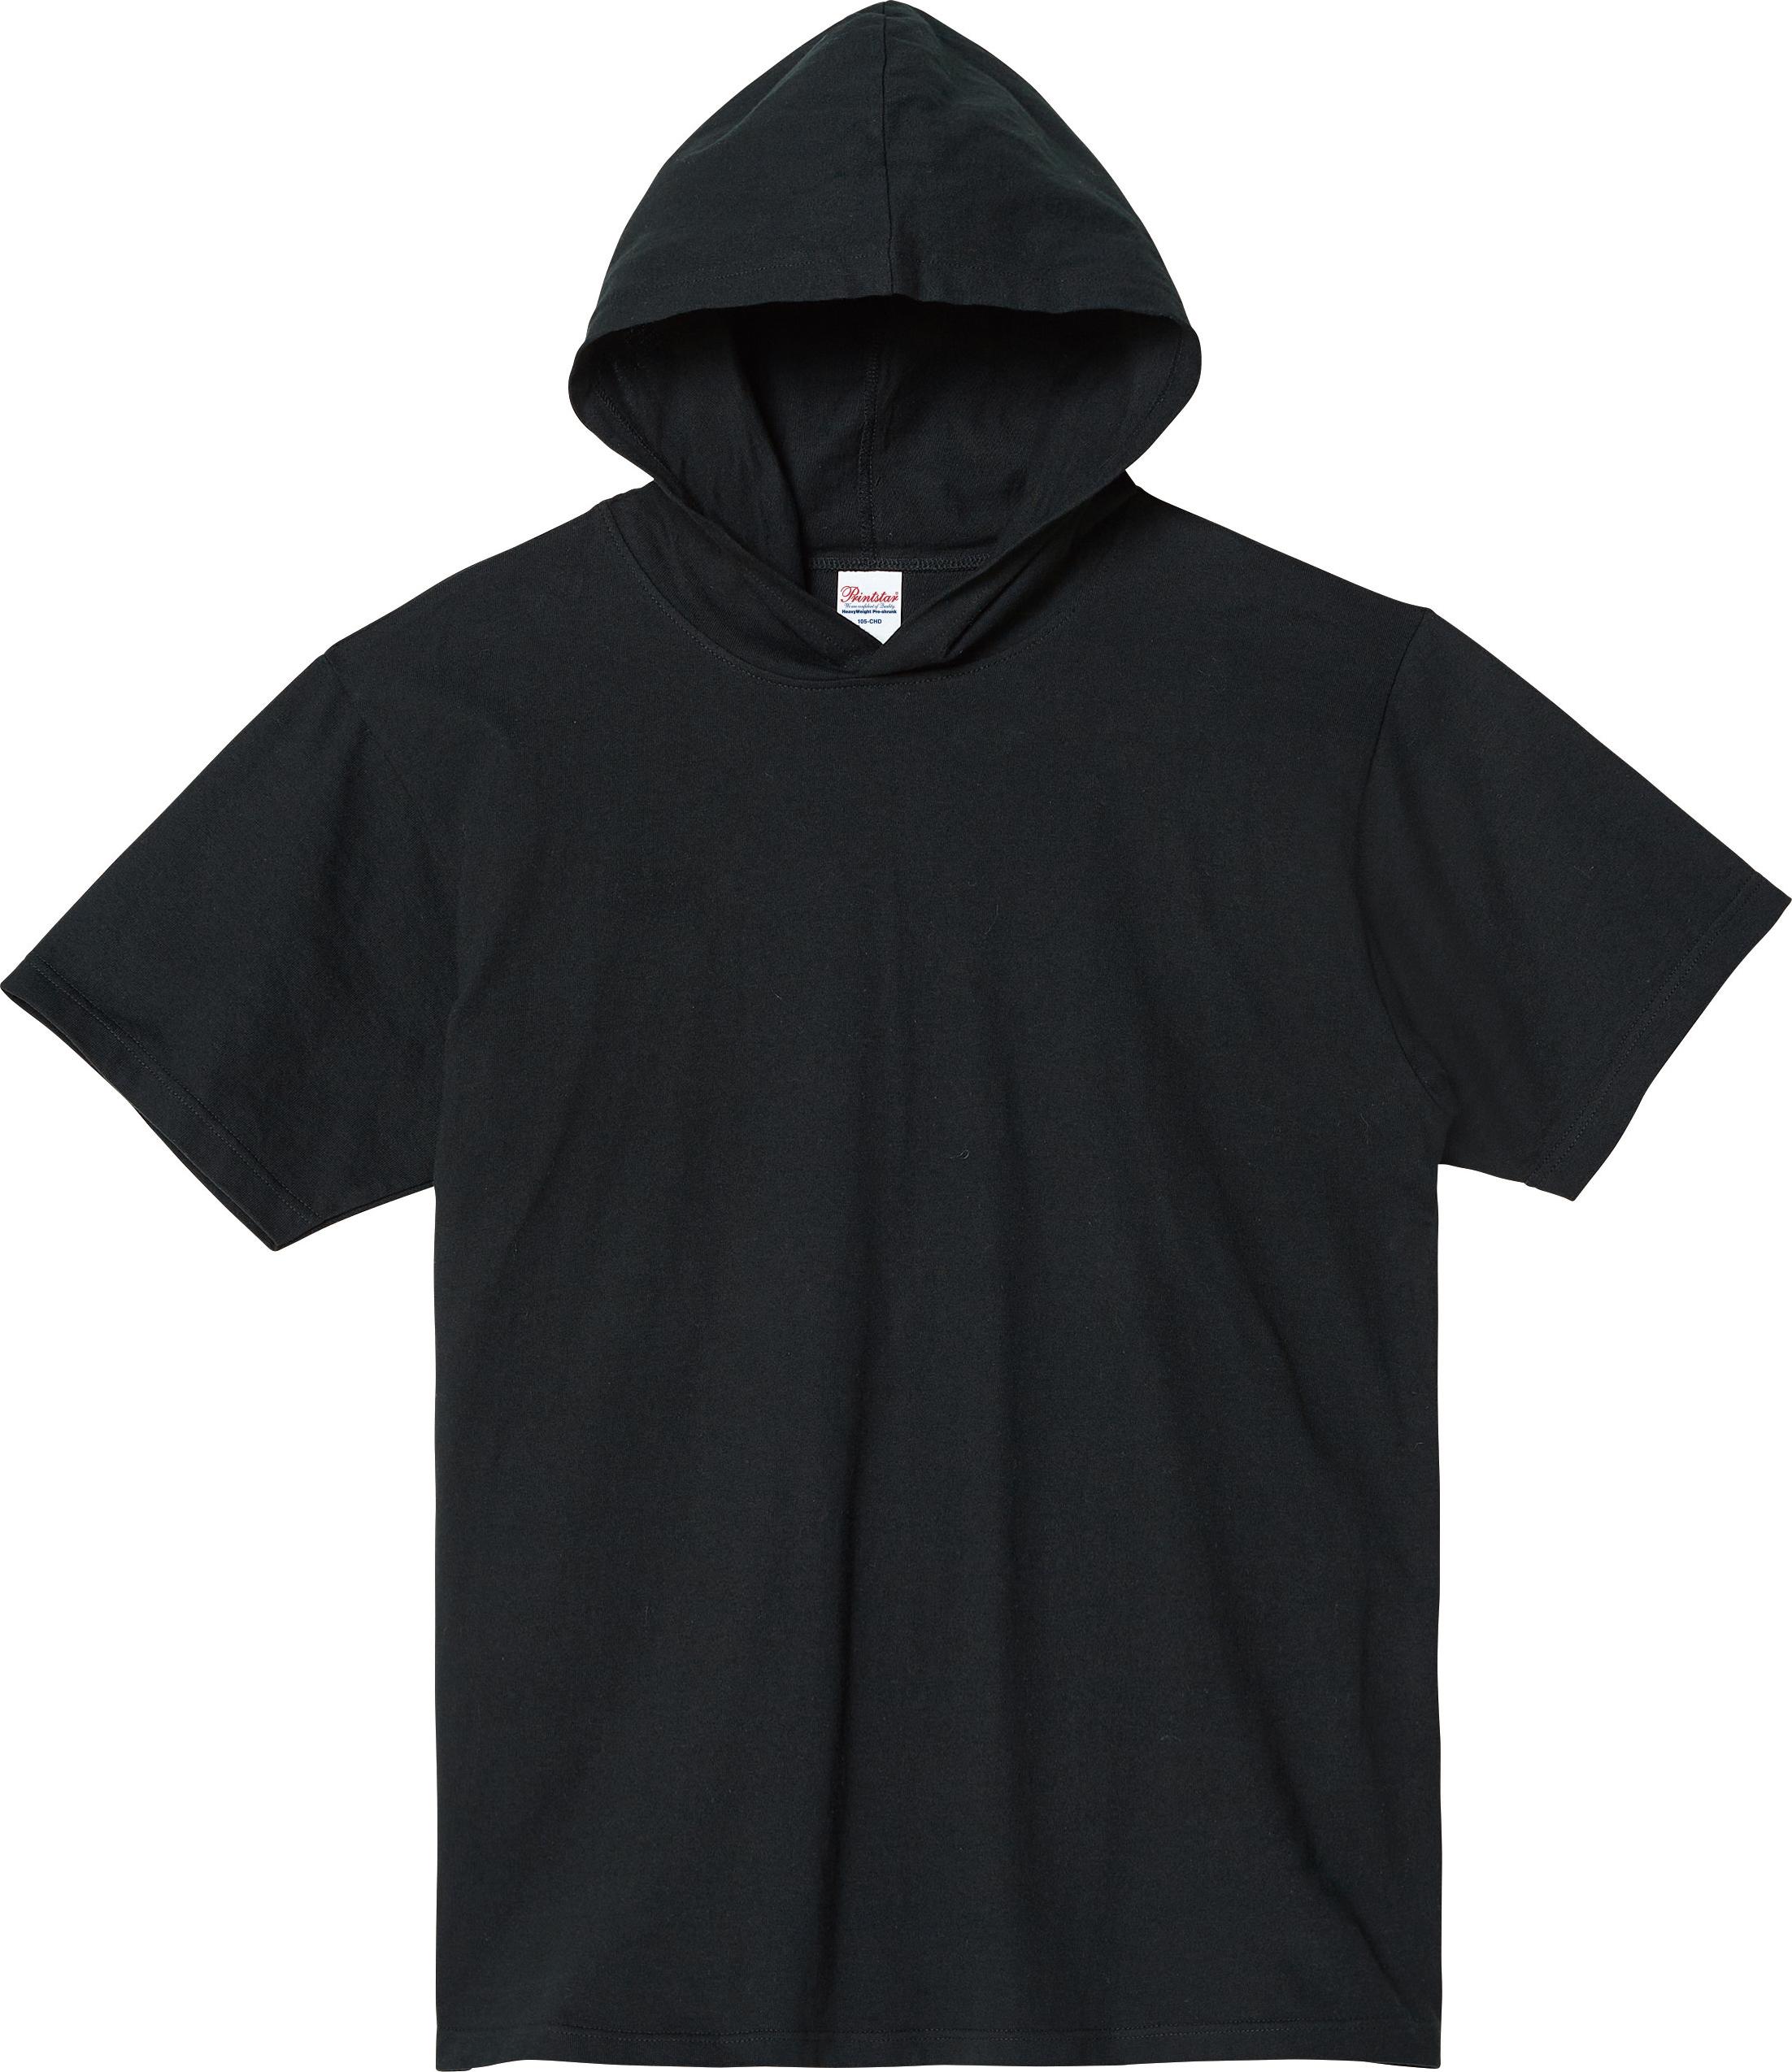 ヘビーウェイトフーディTシャツ